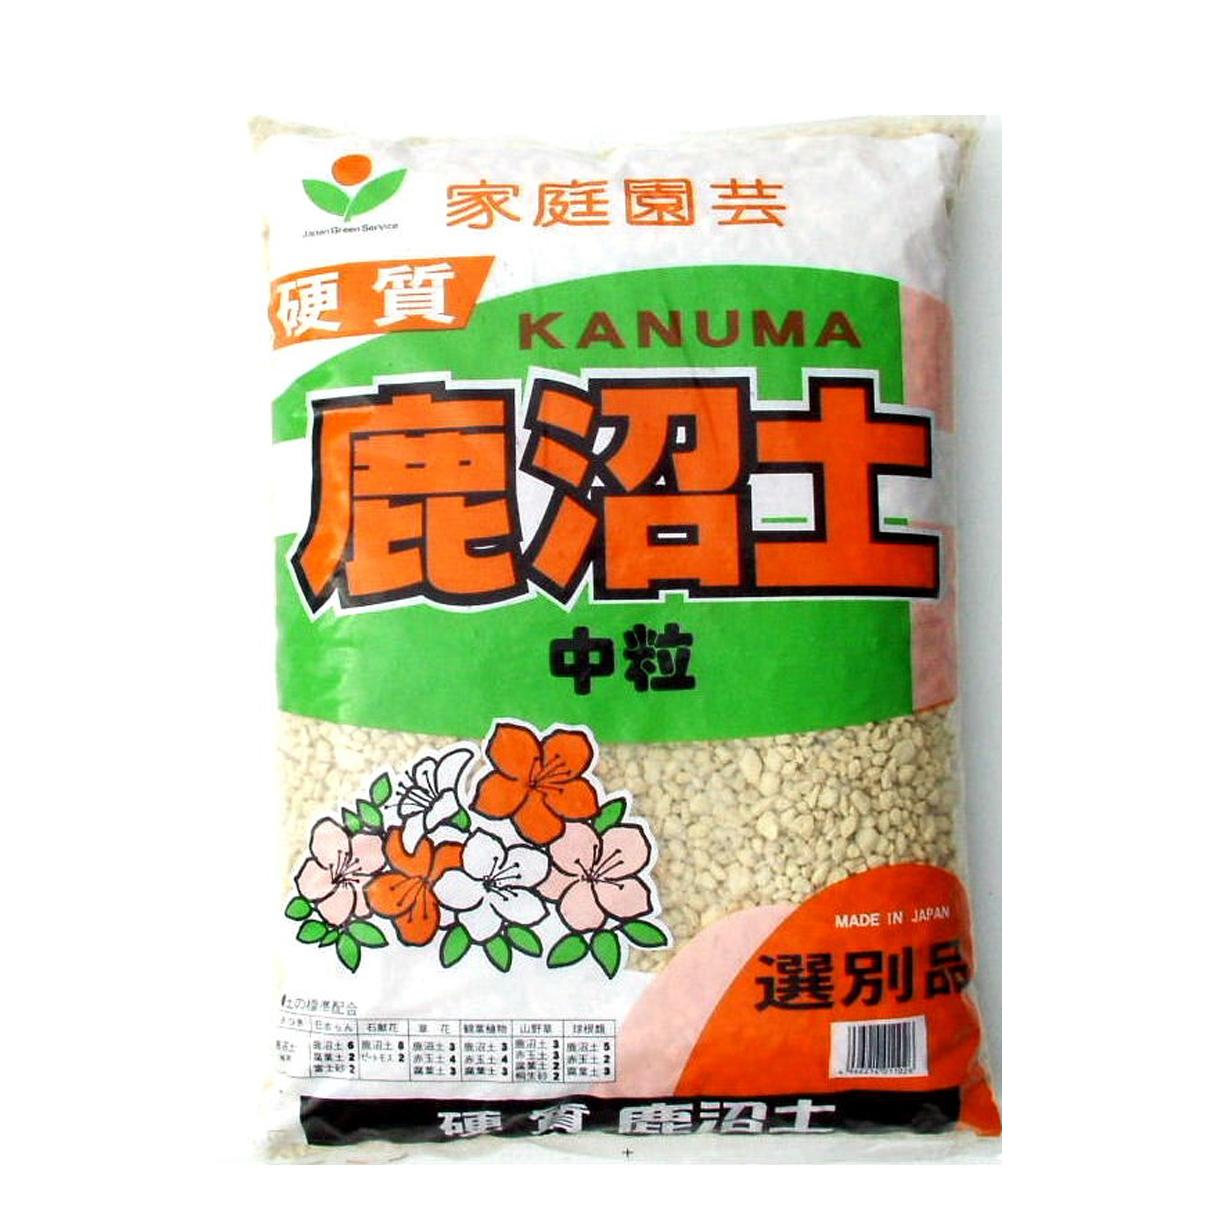 Kanuma